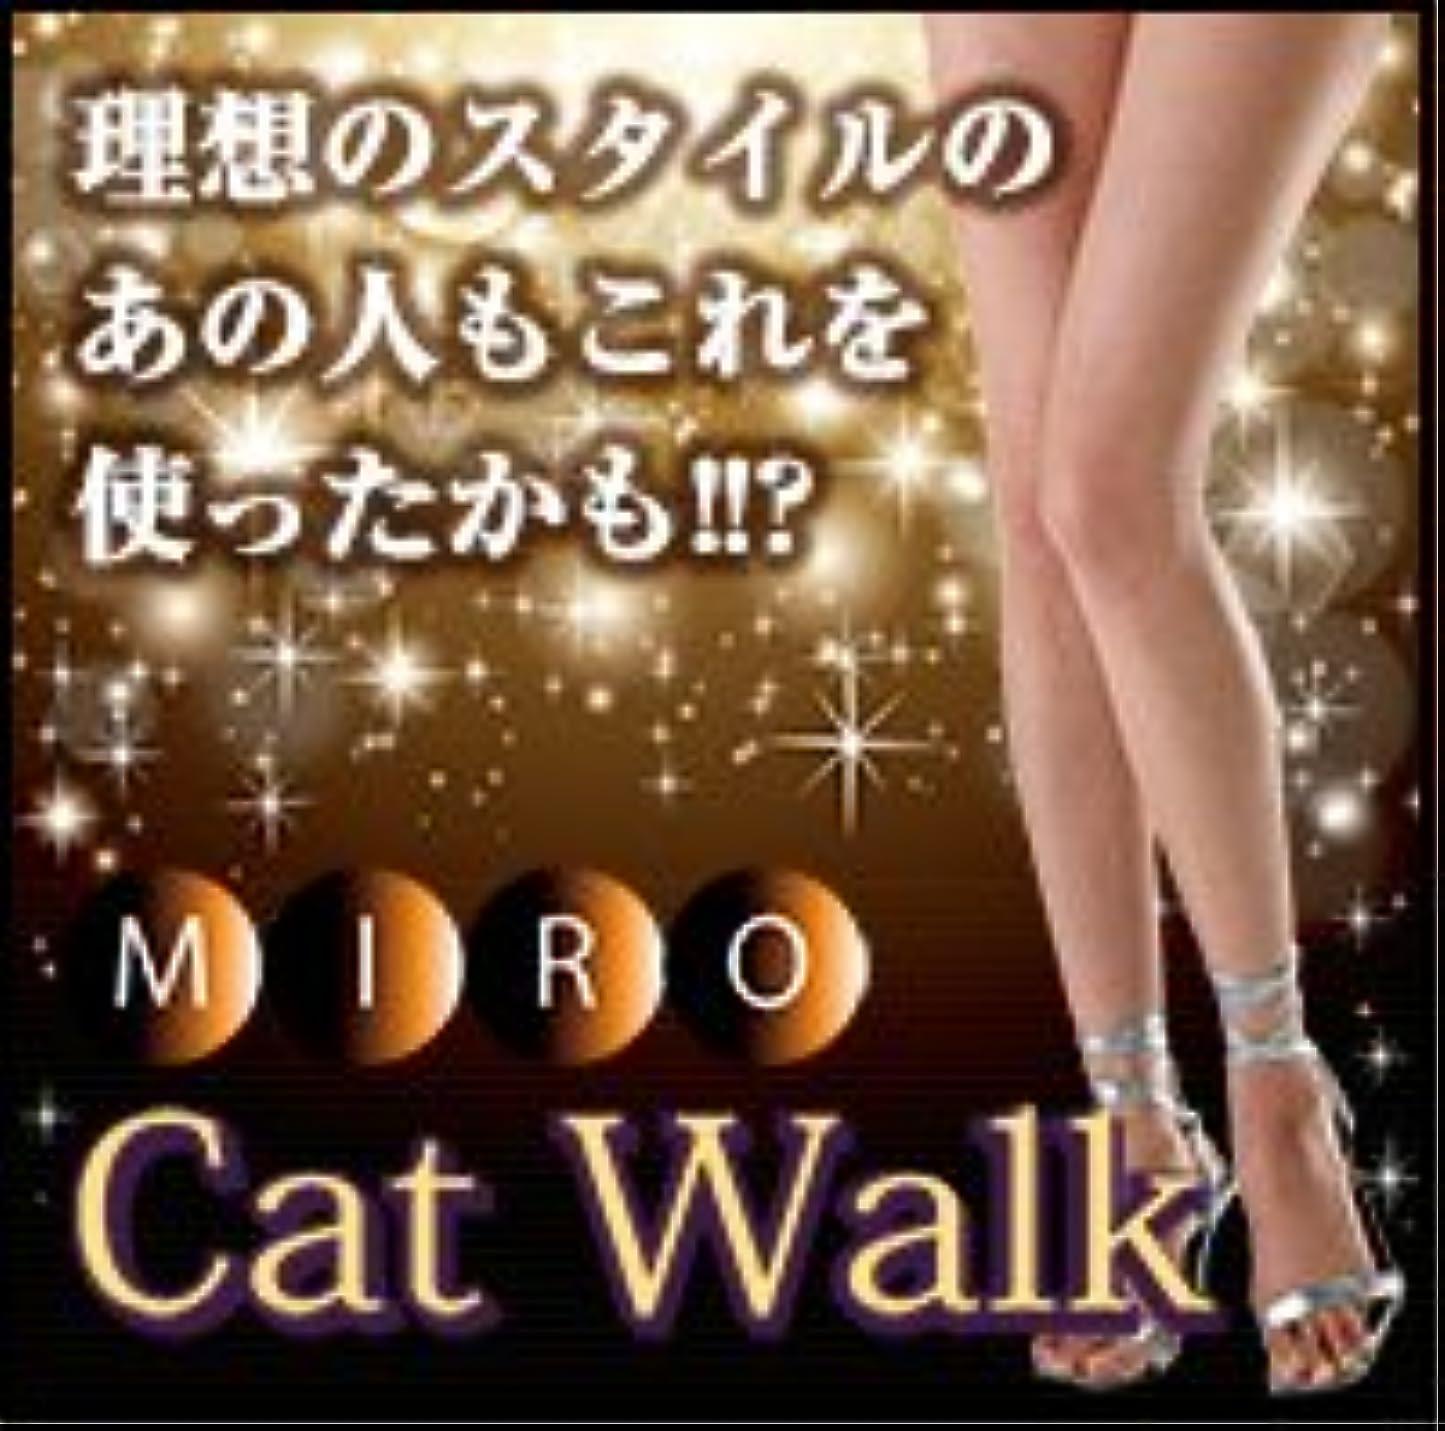 代表して宇宙船うまくいけばMIRO CAT Walk(ミロ キャットウォーク)/理想のスタイルのあの人もこれを使ったかも!?【CC】